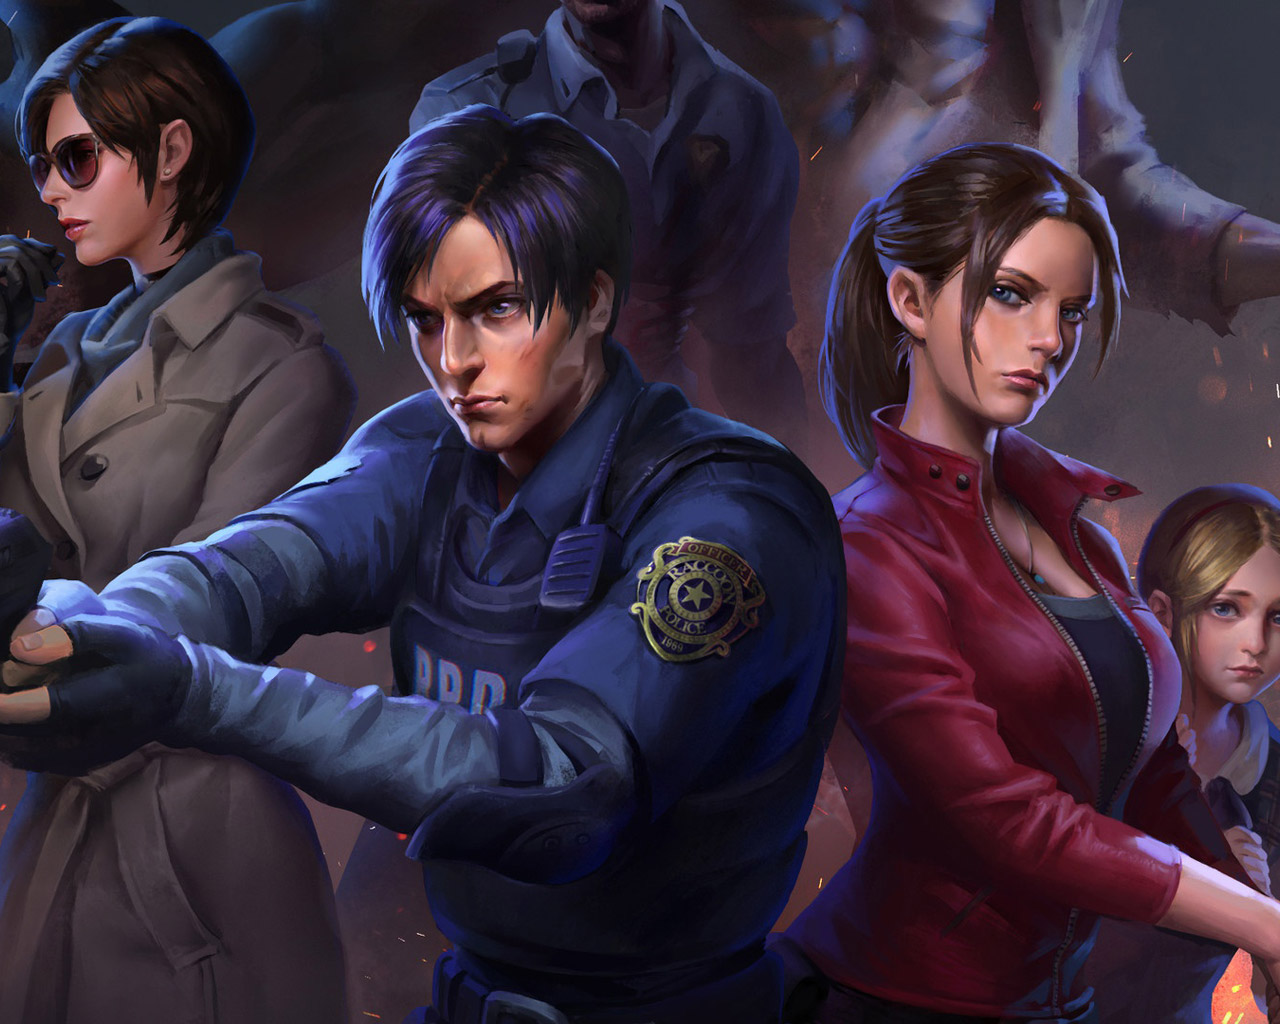 Free Resident Evil 2 Wallpaper in 1280x1024